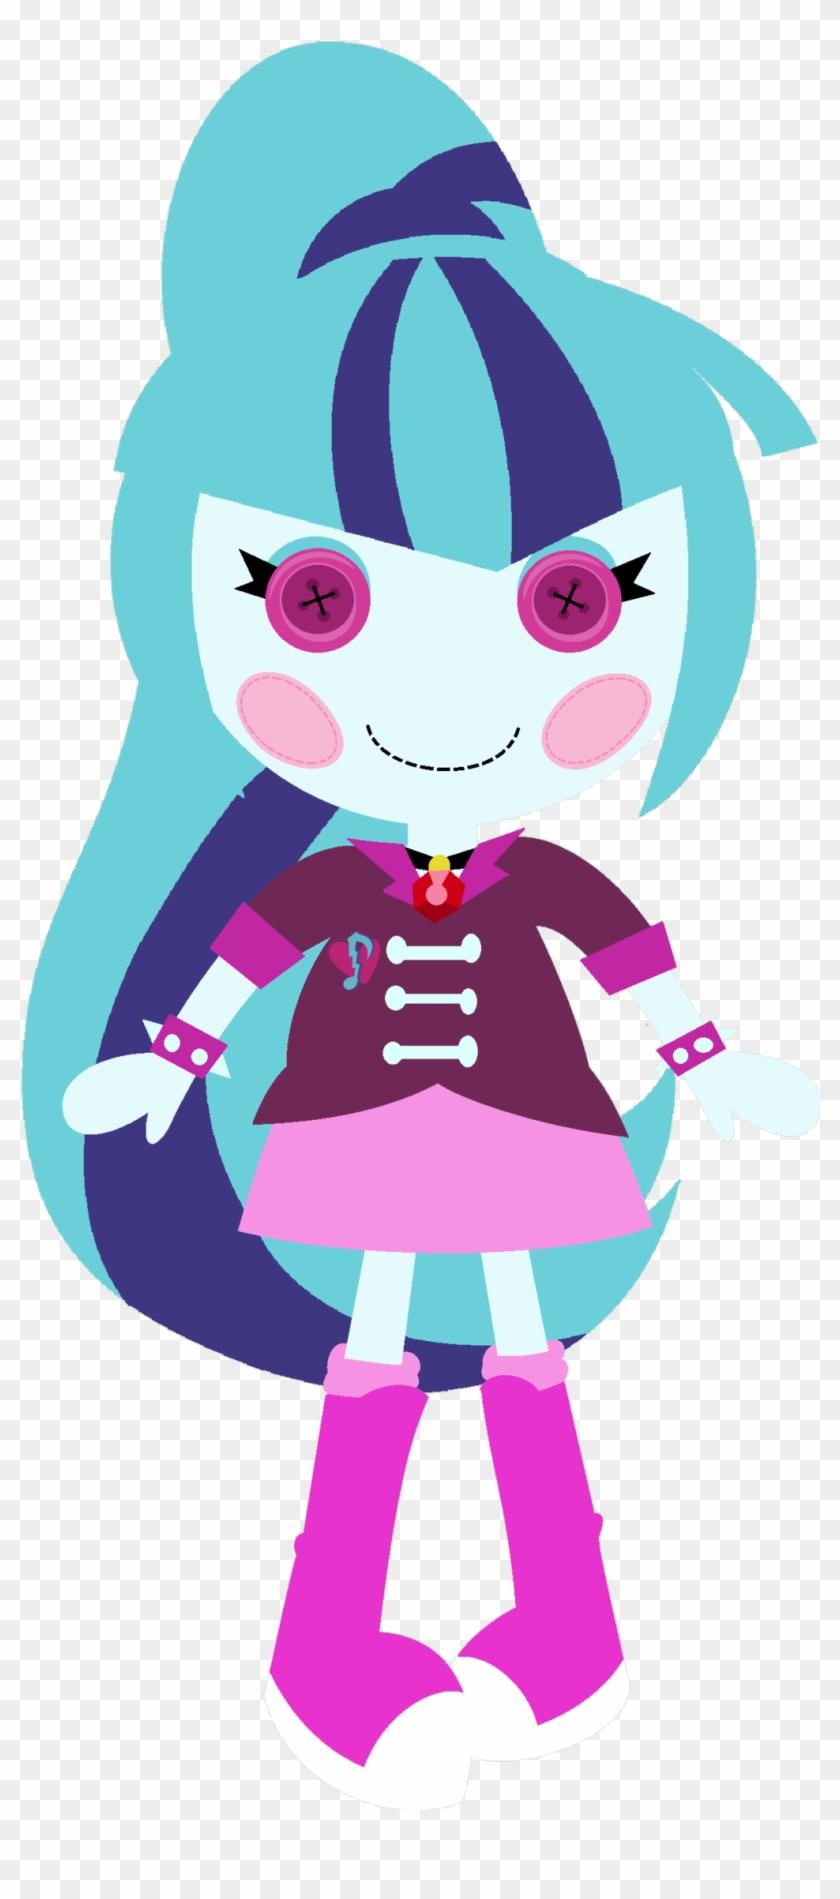 Ra1nb0wk1tty, Button Eyes, Cute, Doll, Equestria Girls, - Cartoon #502769